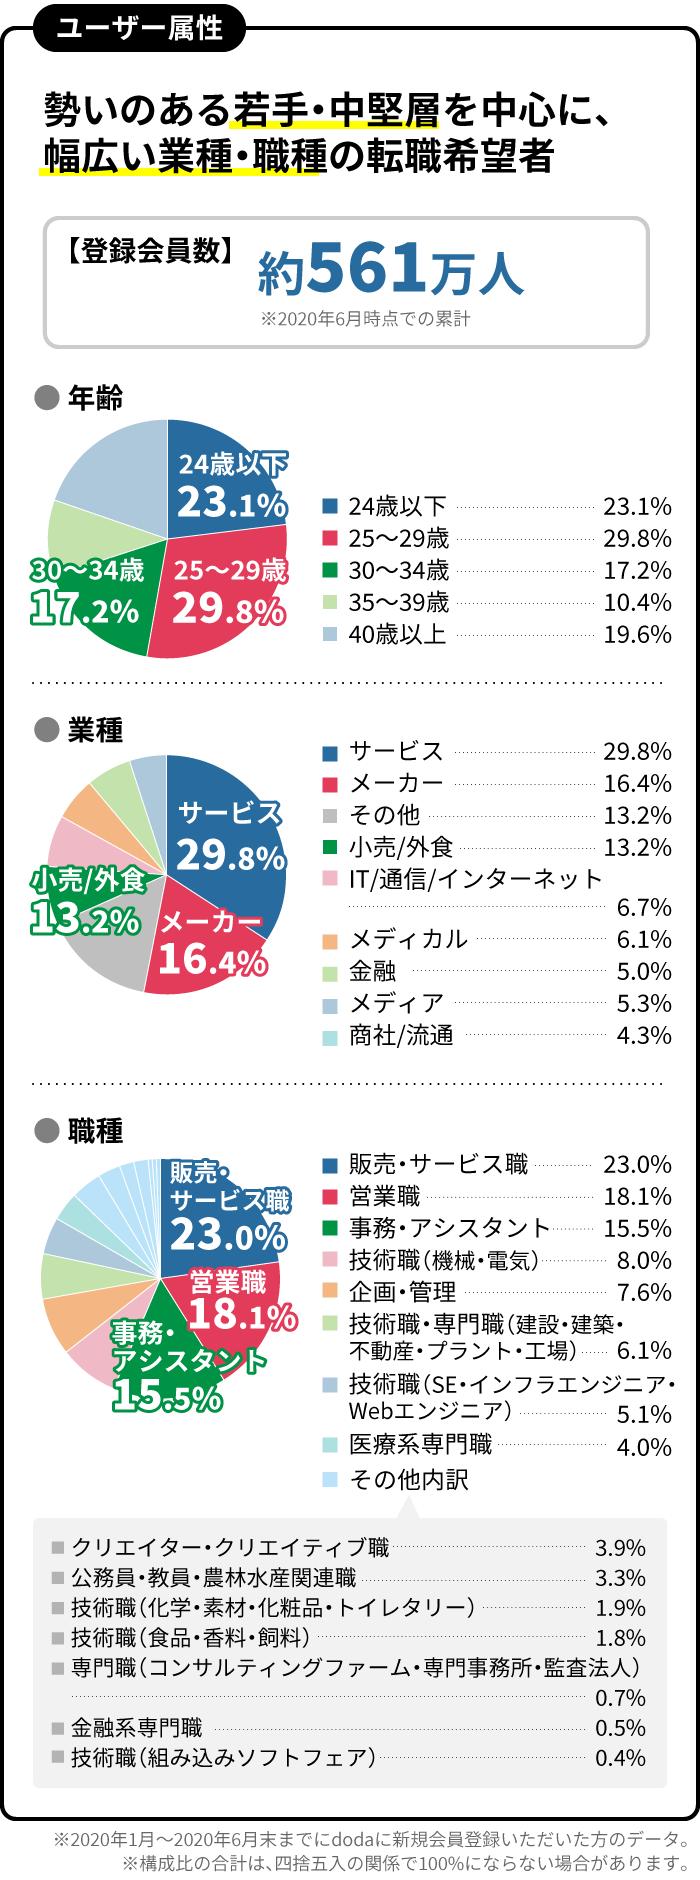 媒体データ